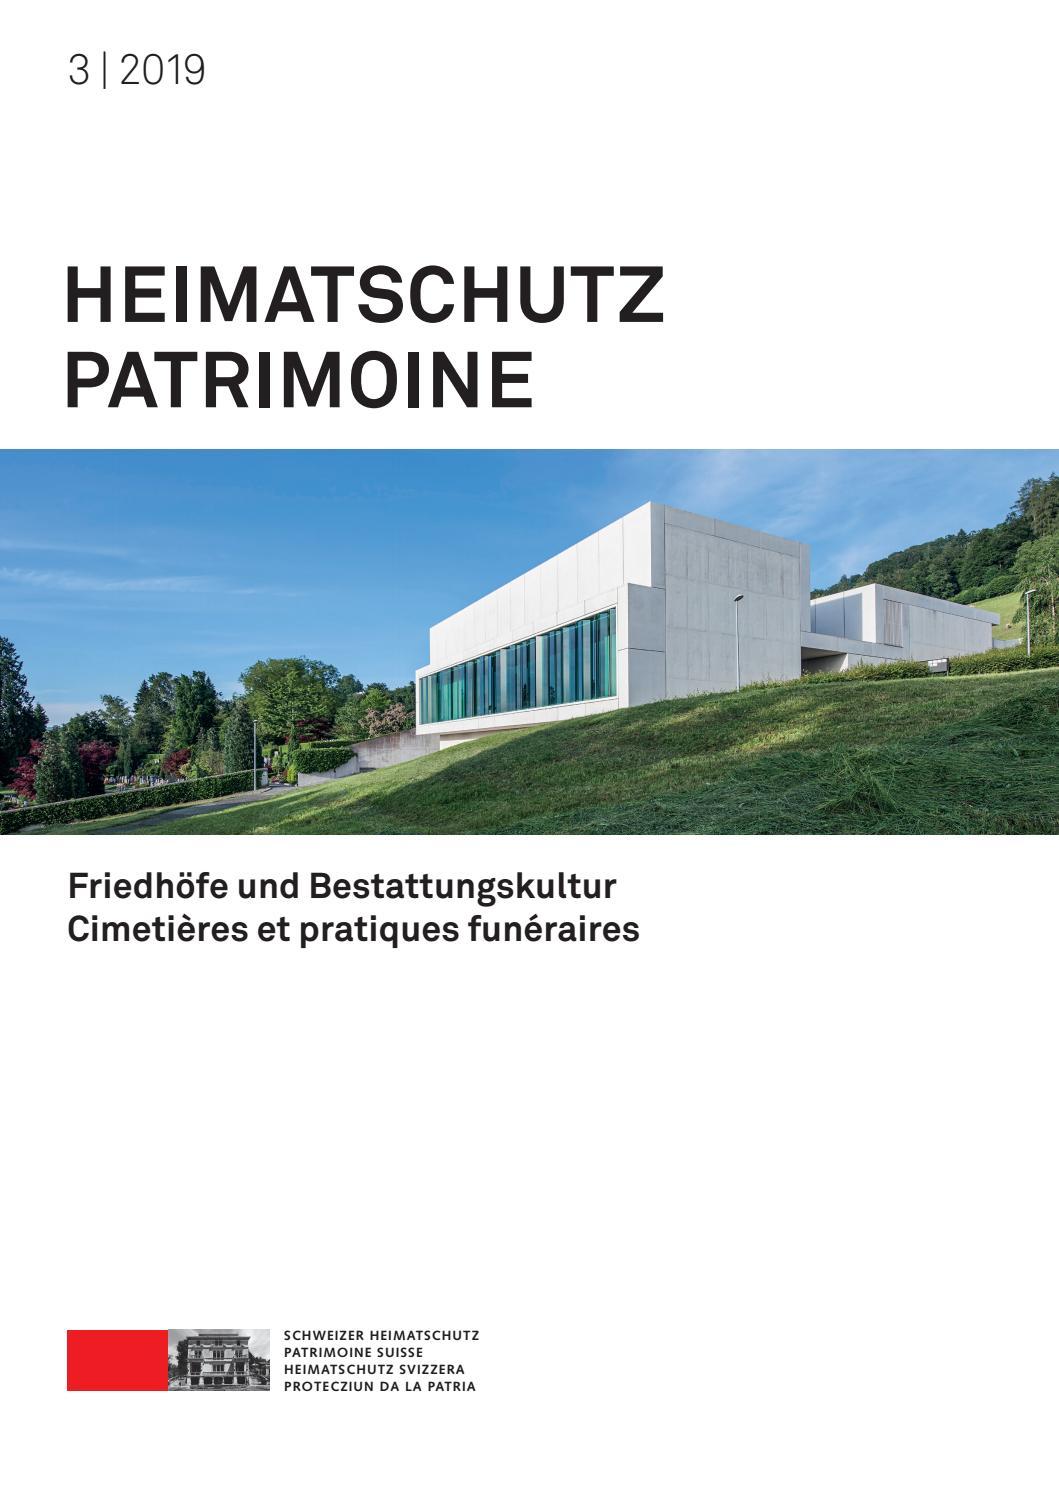 Heimatschutz/Patrimoine 3-2019 by Schweizer Heimatschutz - issuu